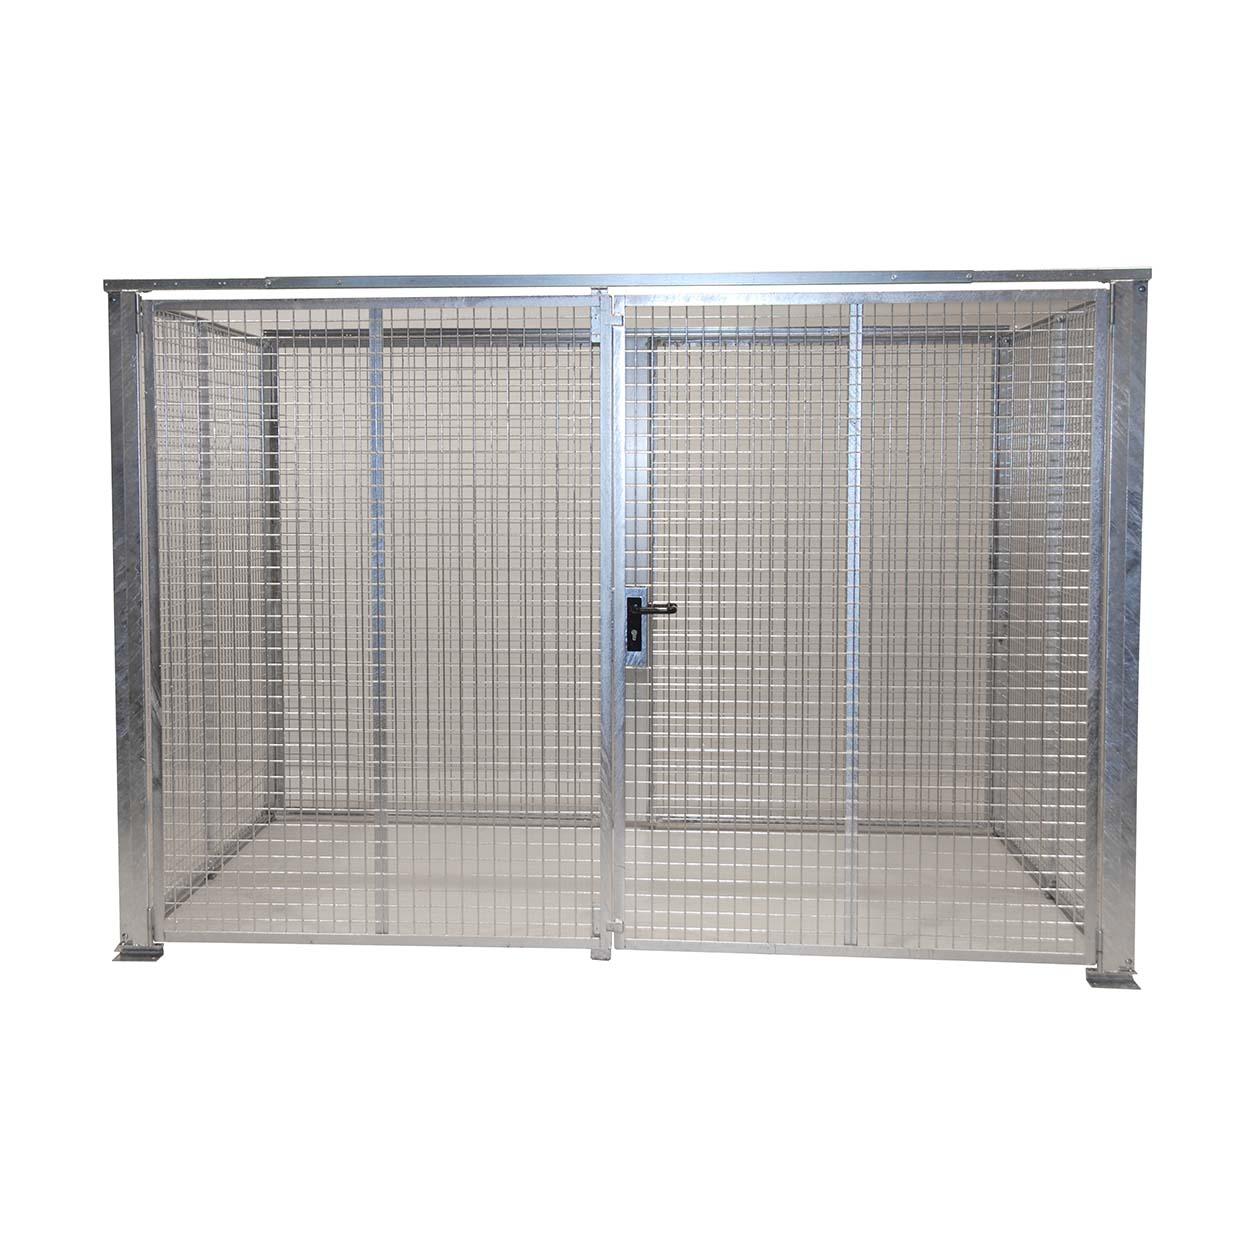 Klec pro skladování tlakových lahví, dvoukřídlé dveře